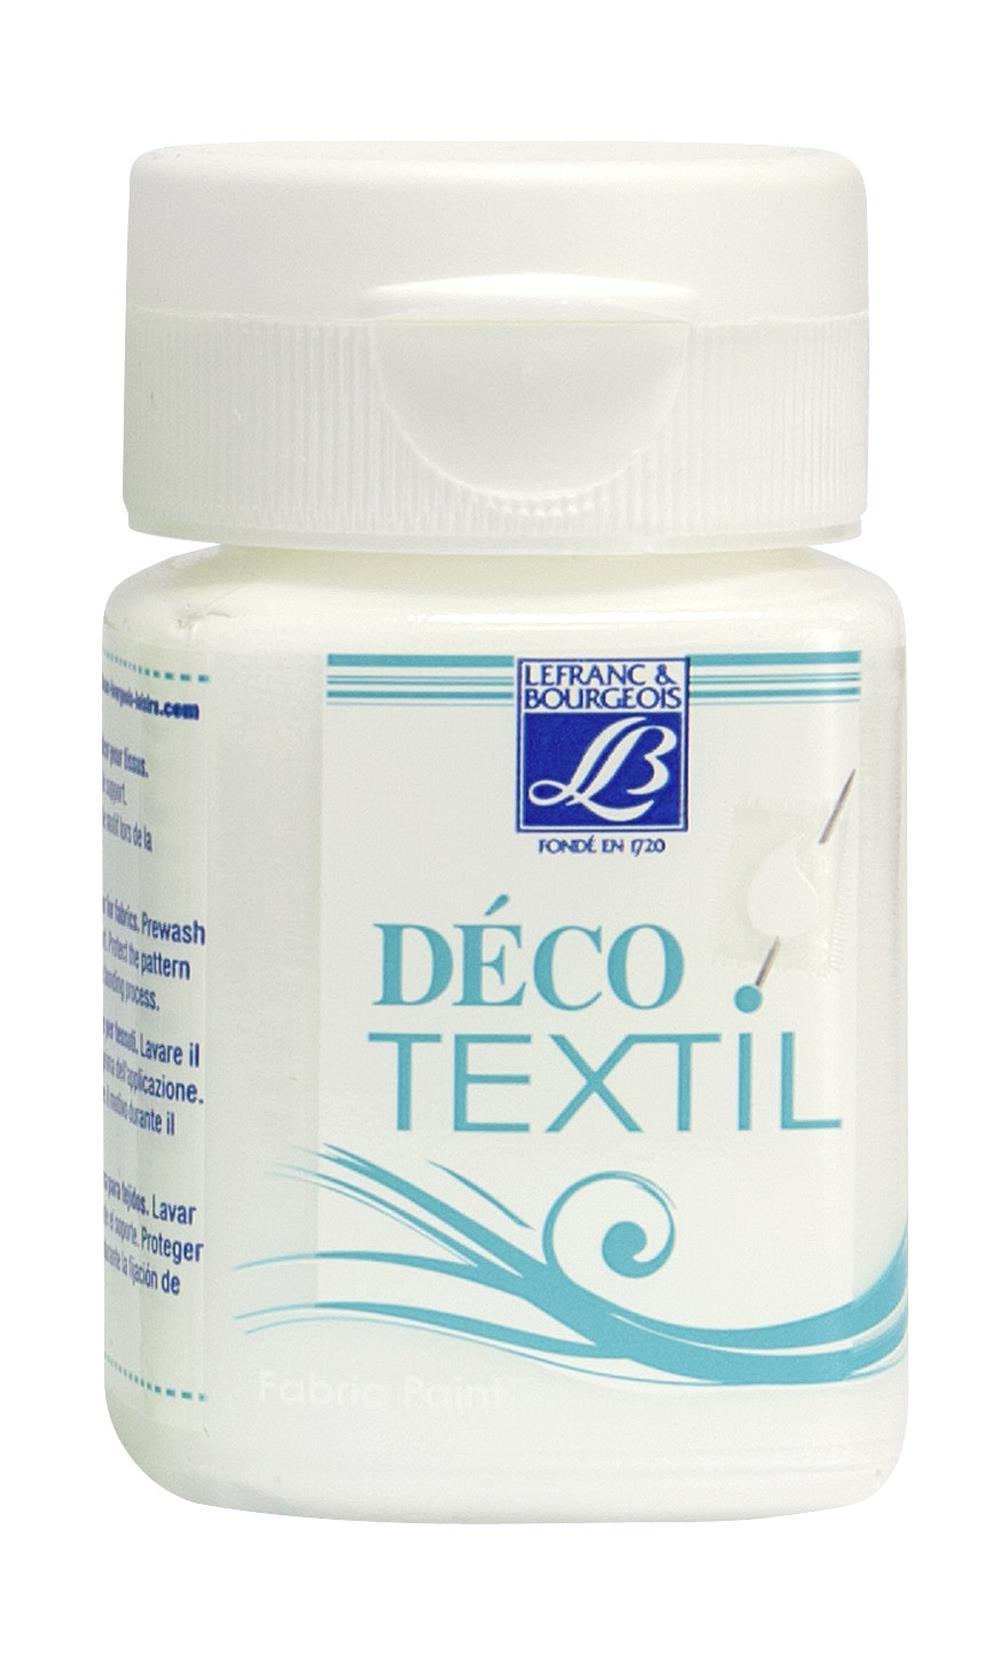 Tygfärg L&B Deco Textil 50ml  Snow white -  soft 877 (4F) Utgår